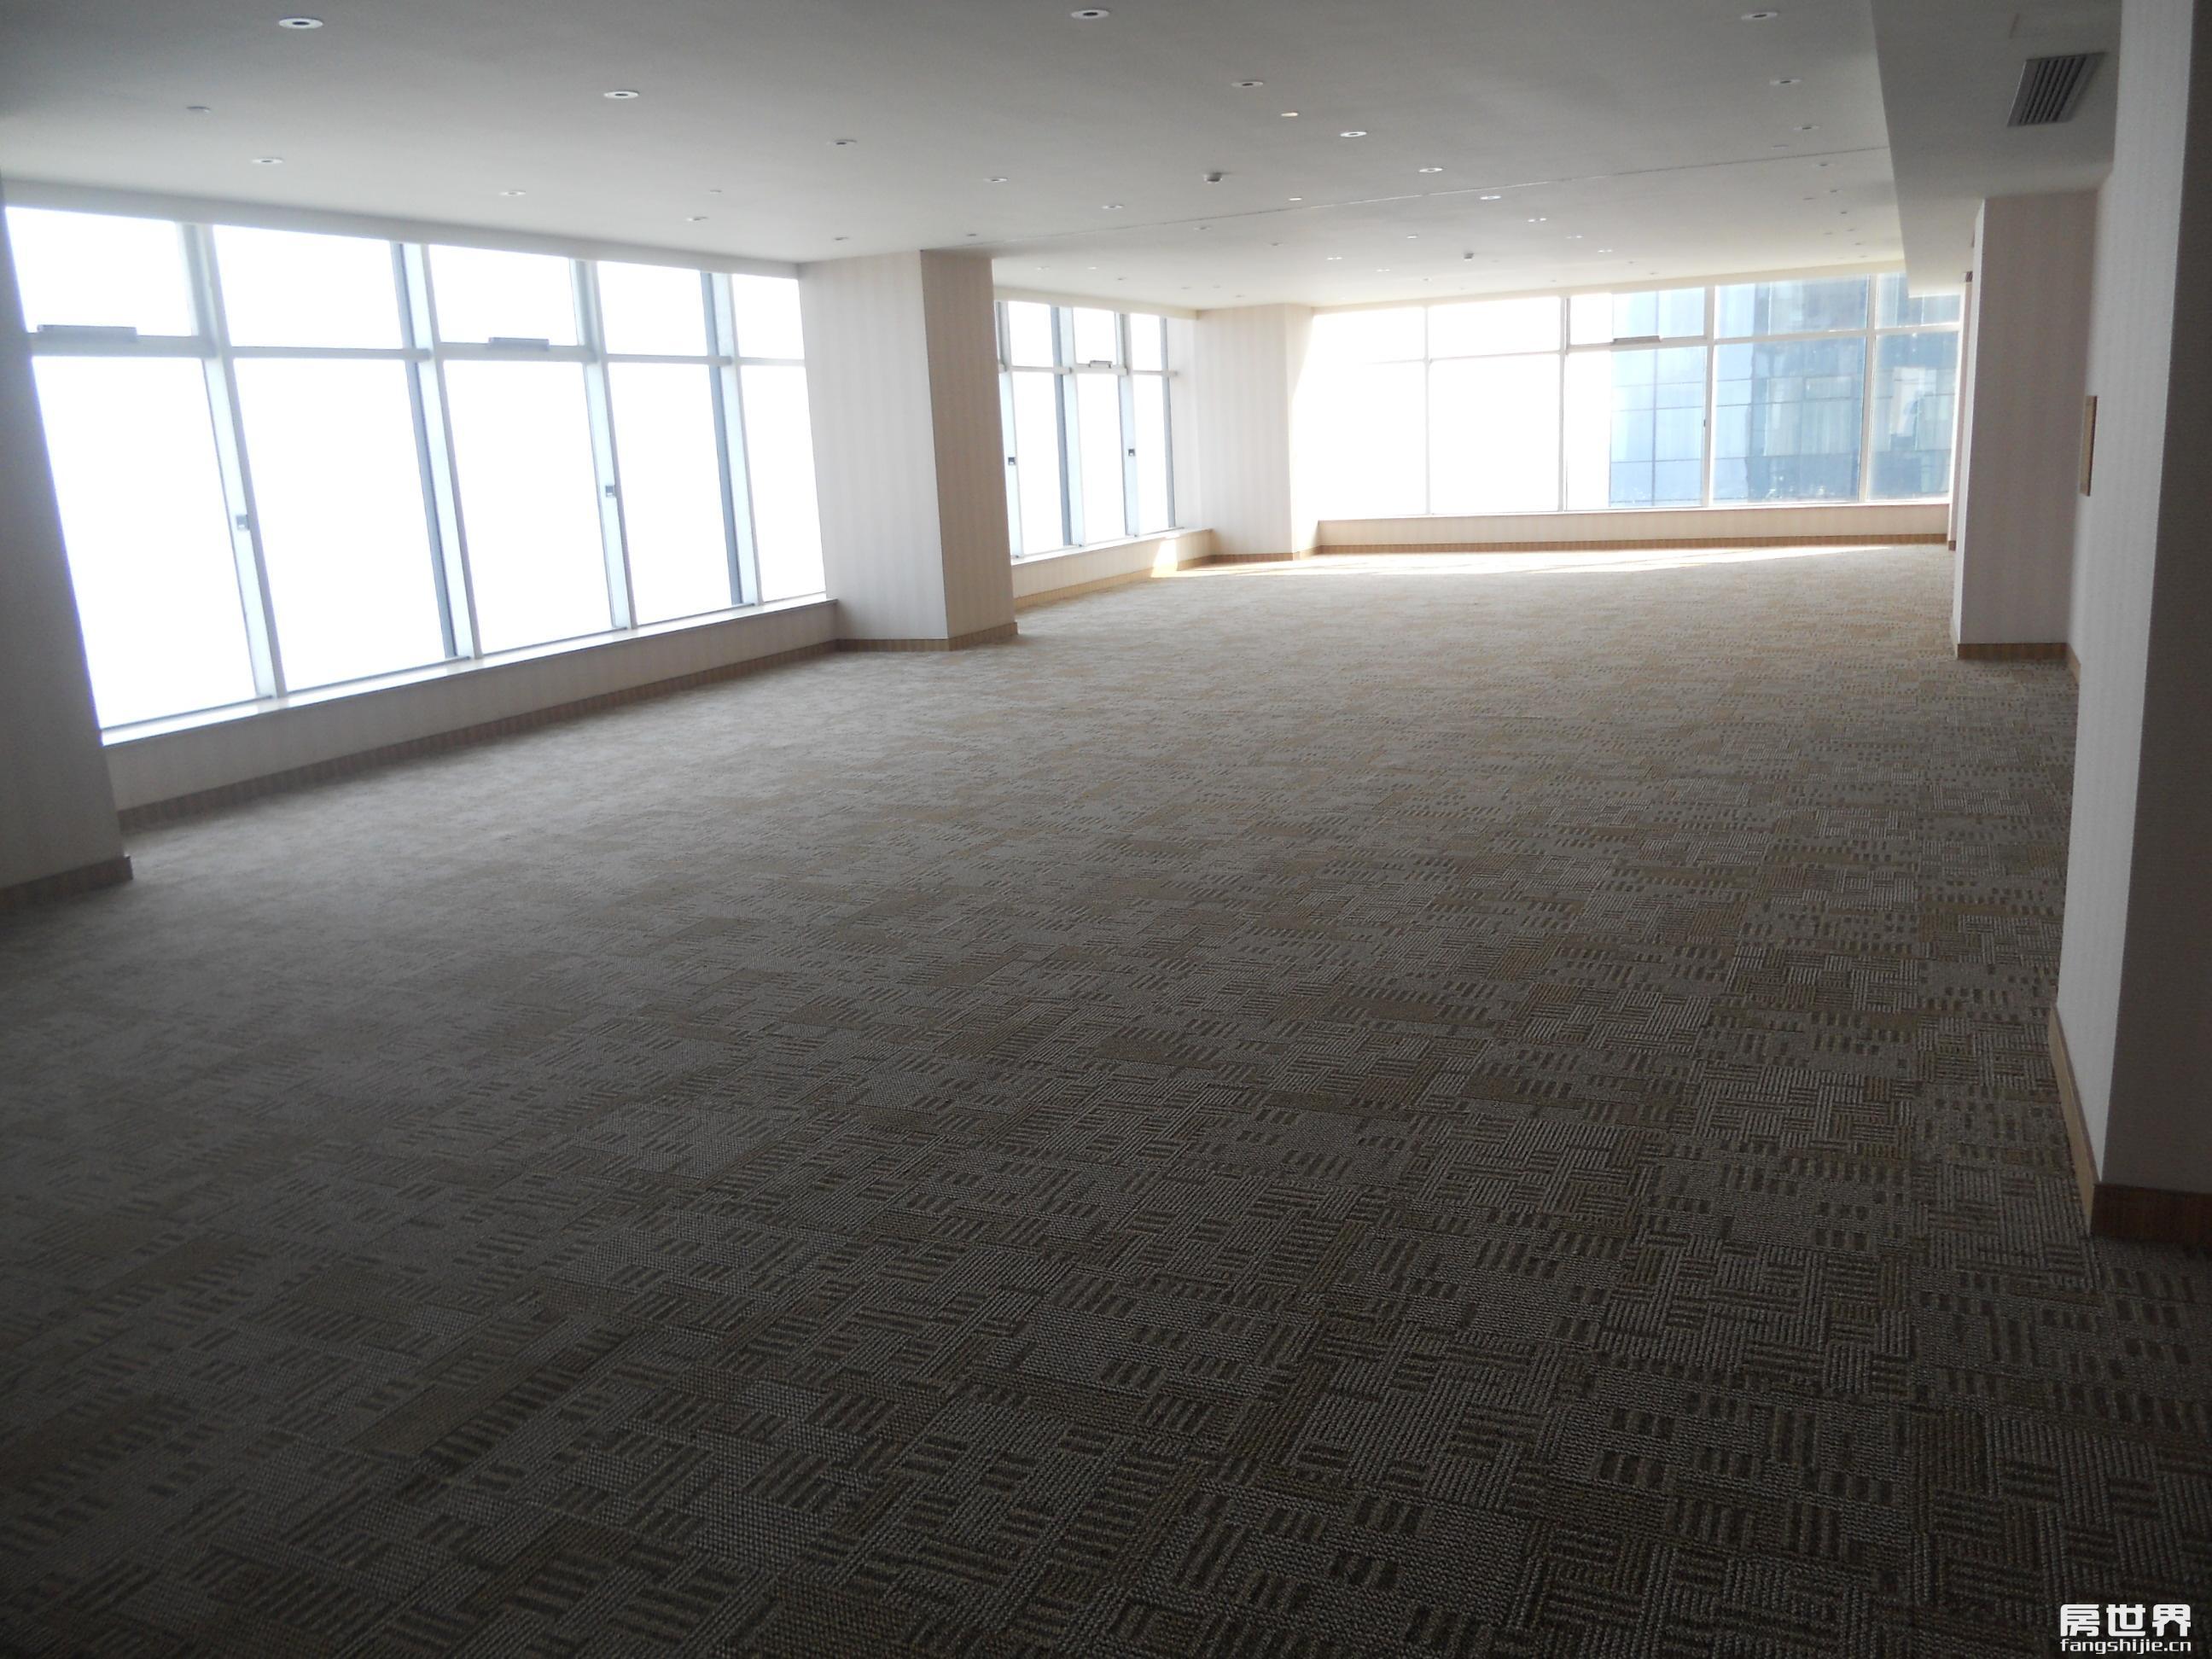 雷迪森精装办公写字楼600方1.8天看房有钥匙